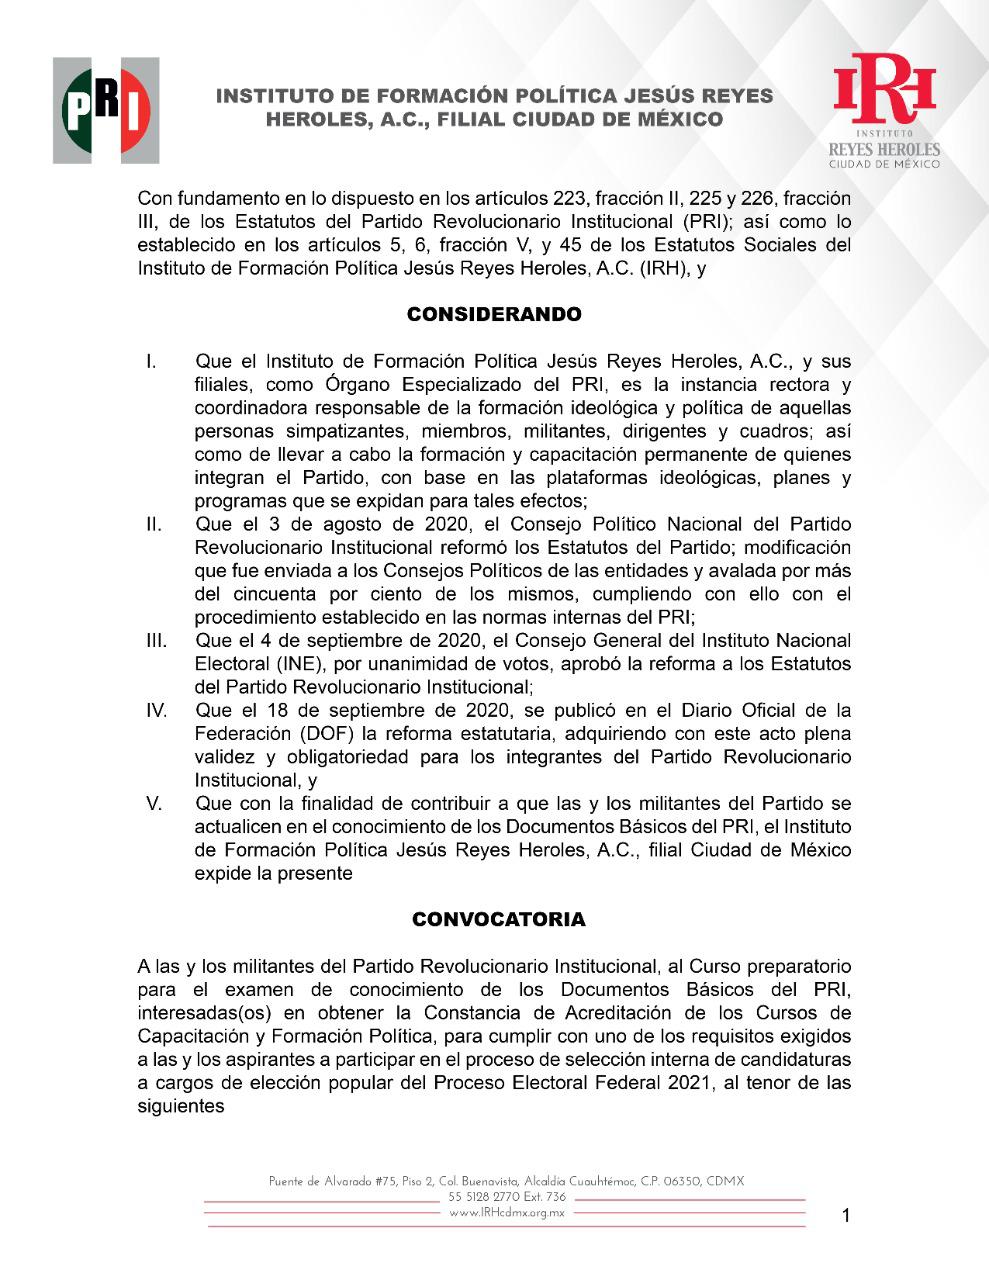 CONVOCATORIA A LAS Y LOS MILITANTES DEL PARTIDO REVOLUCIONARIO INSTITUCIONAL AL CURSO PREPARATORIO PARA EL EXAMEN DE CONOCIMIENTO DE LOS DOCUMENTOS BÁSICOS DEL PRI.